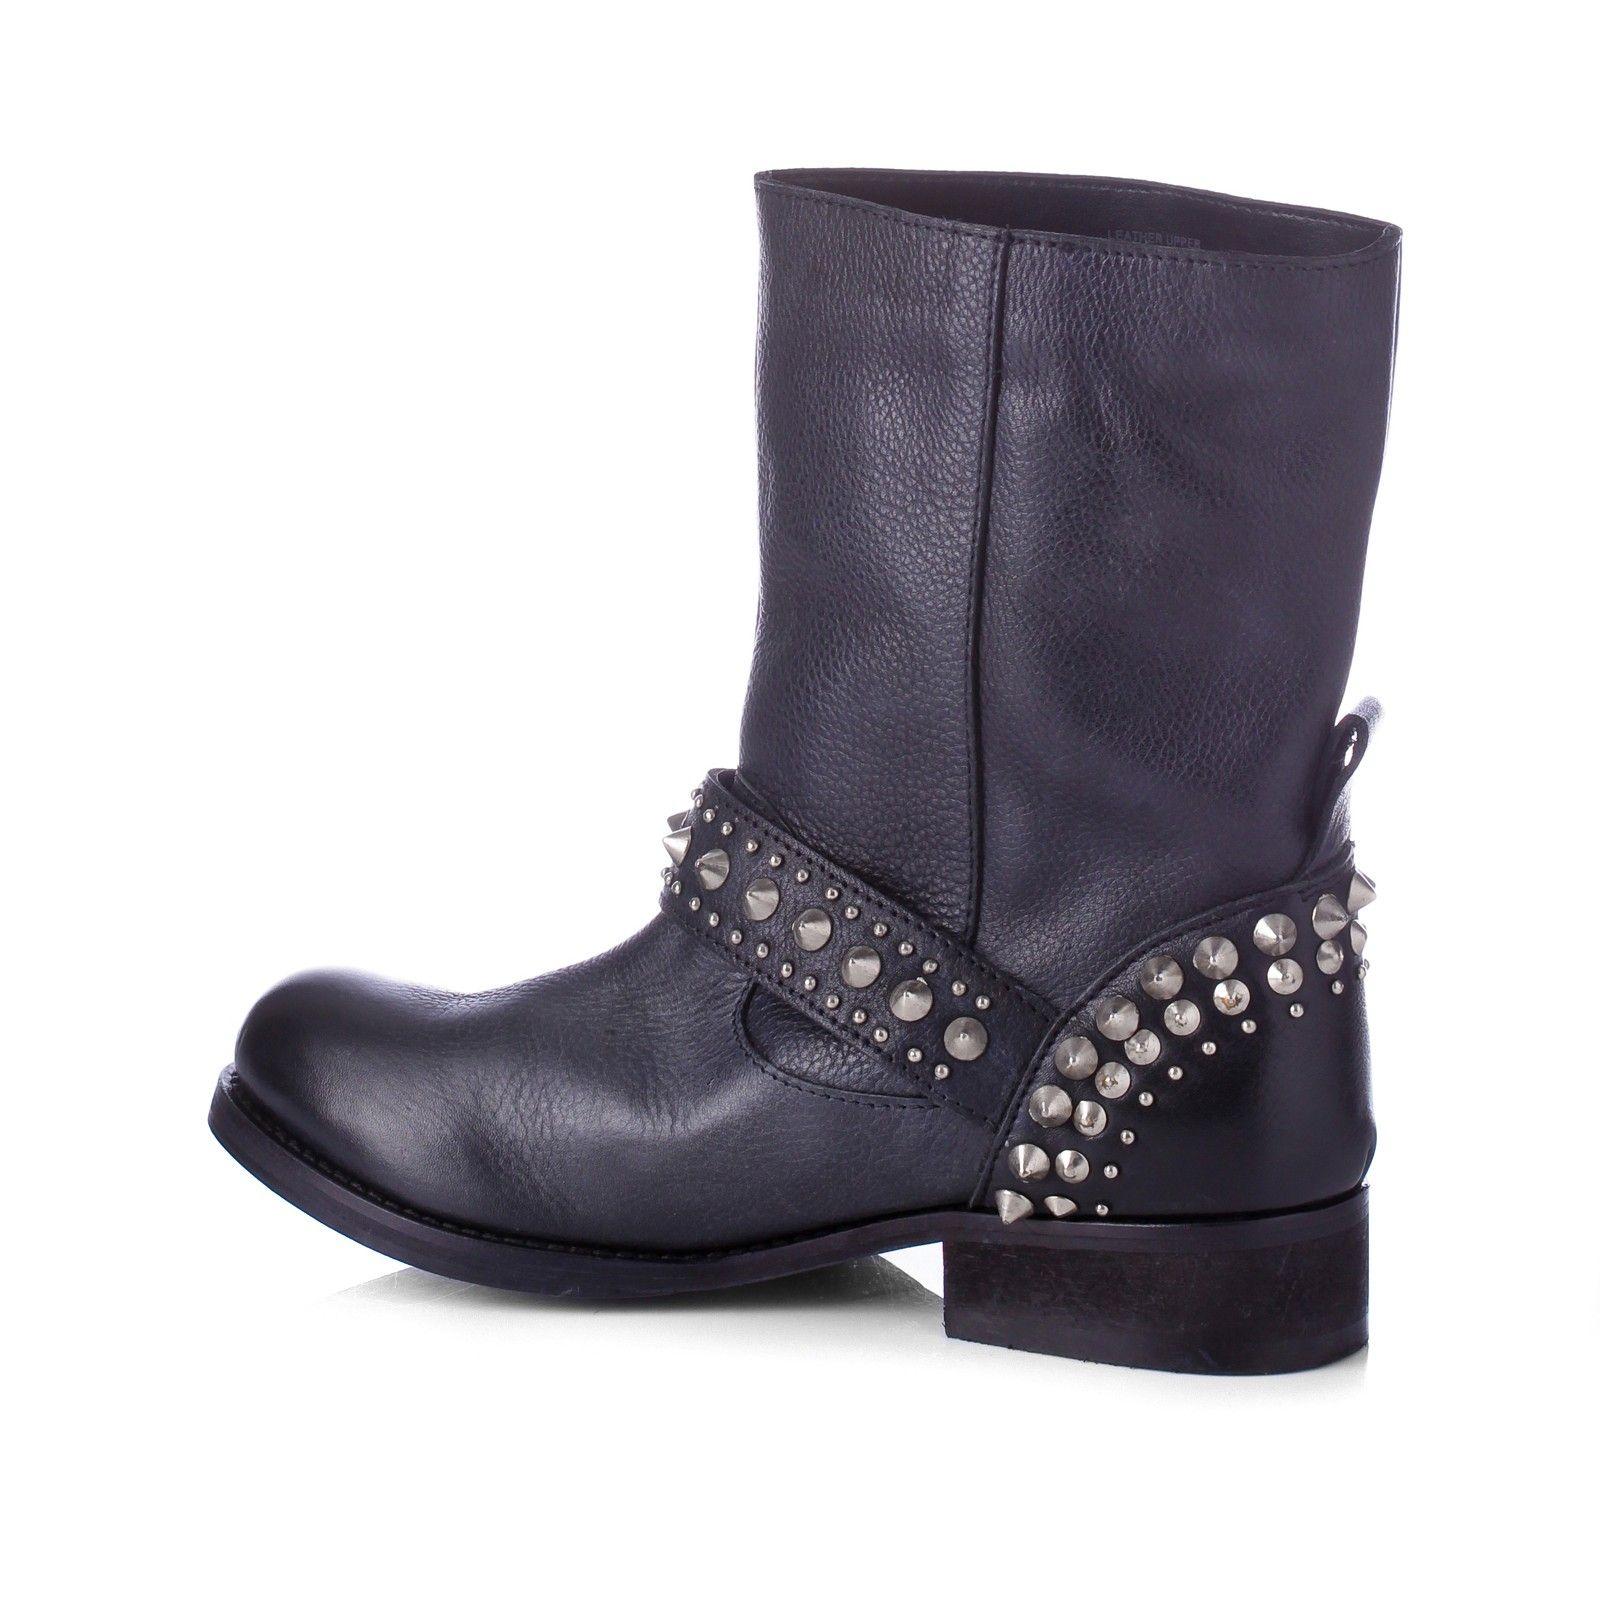 3a18b0fb2f89 Black Leather Tammy Embellished Boots 3cm Heel - Carvela Kurt Geiger -  Private sales